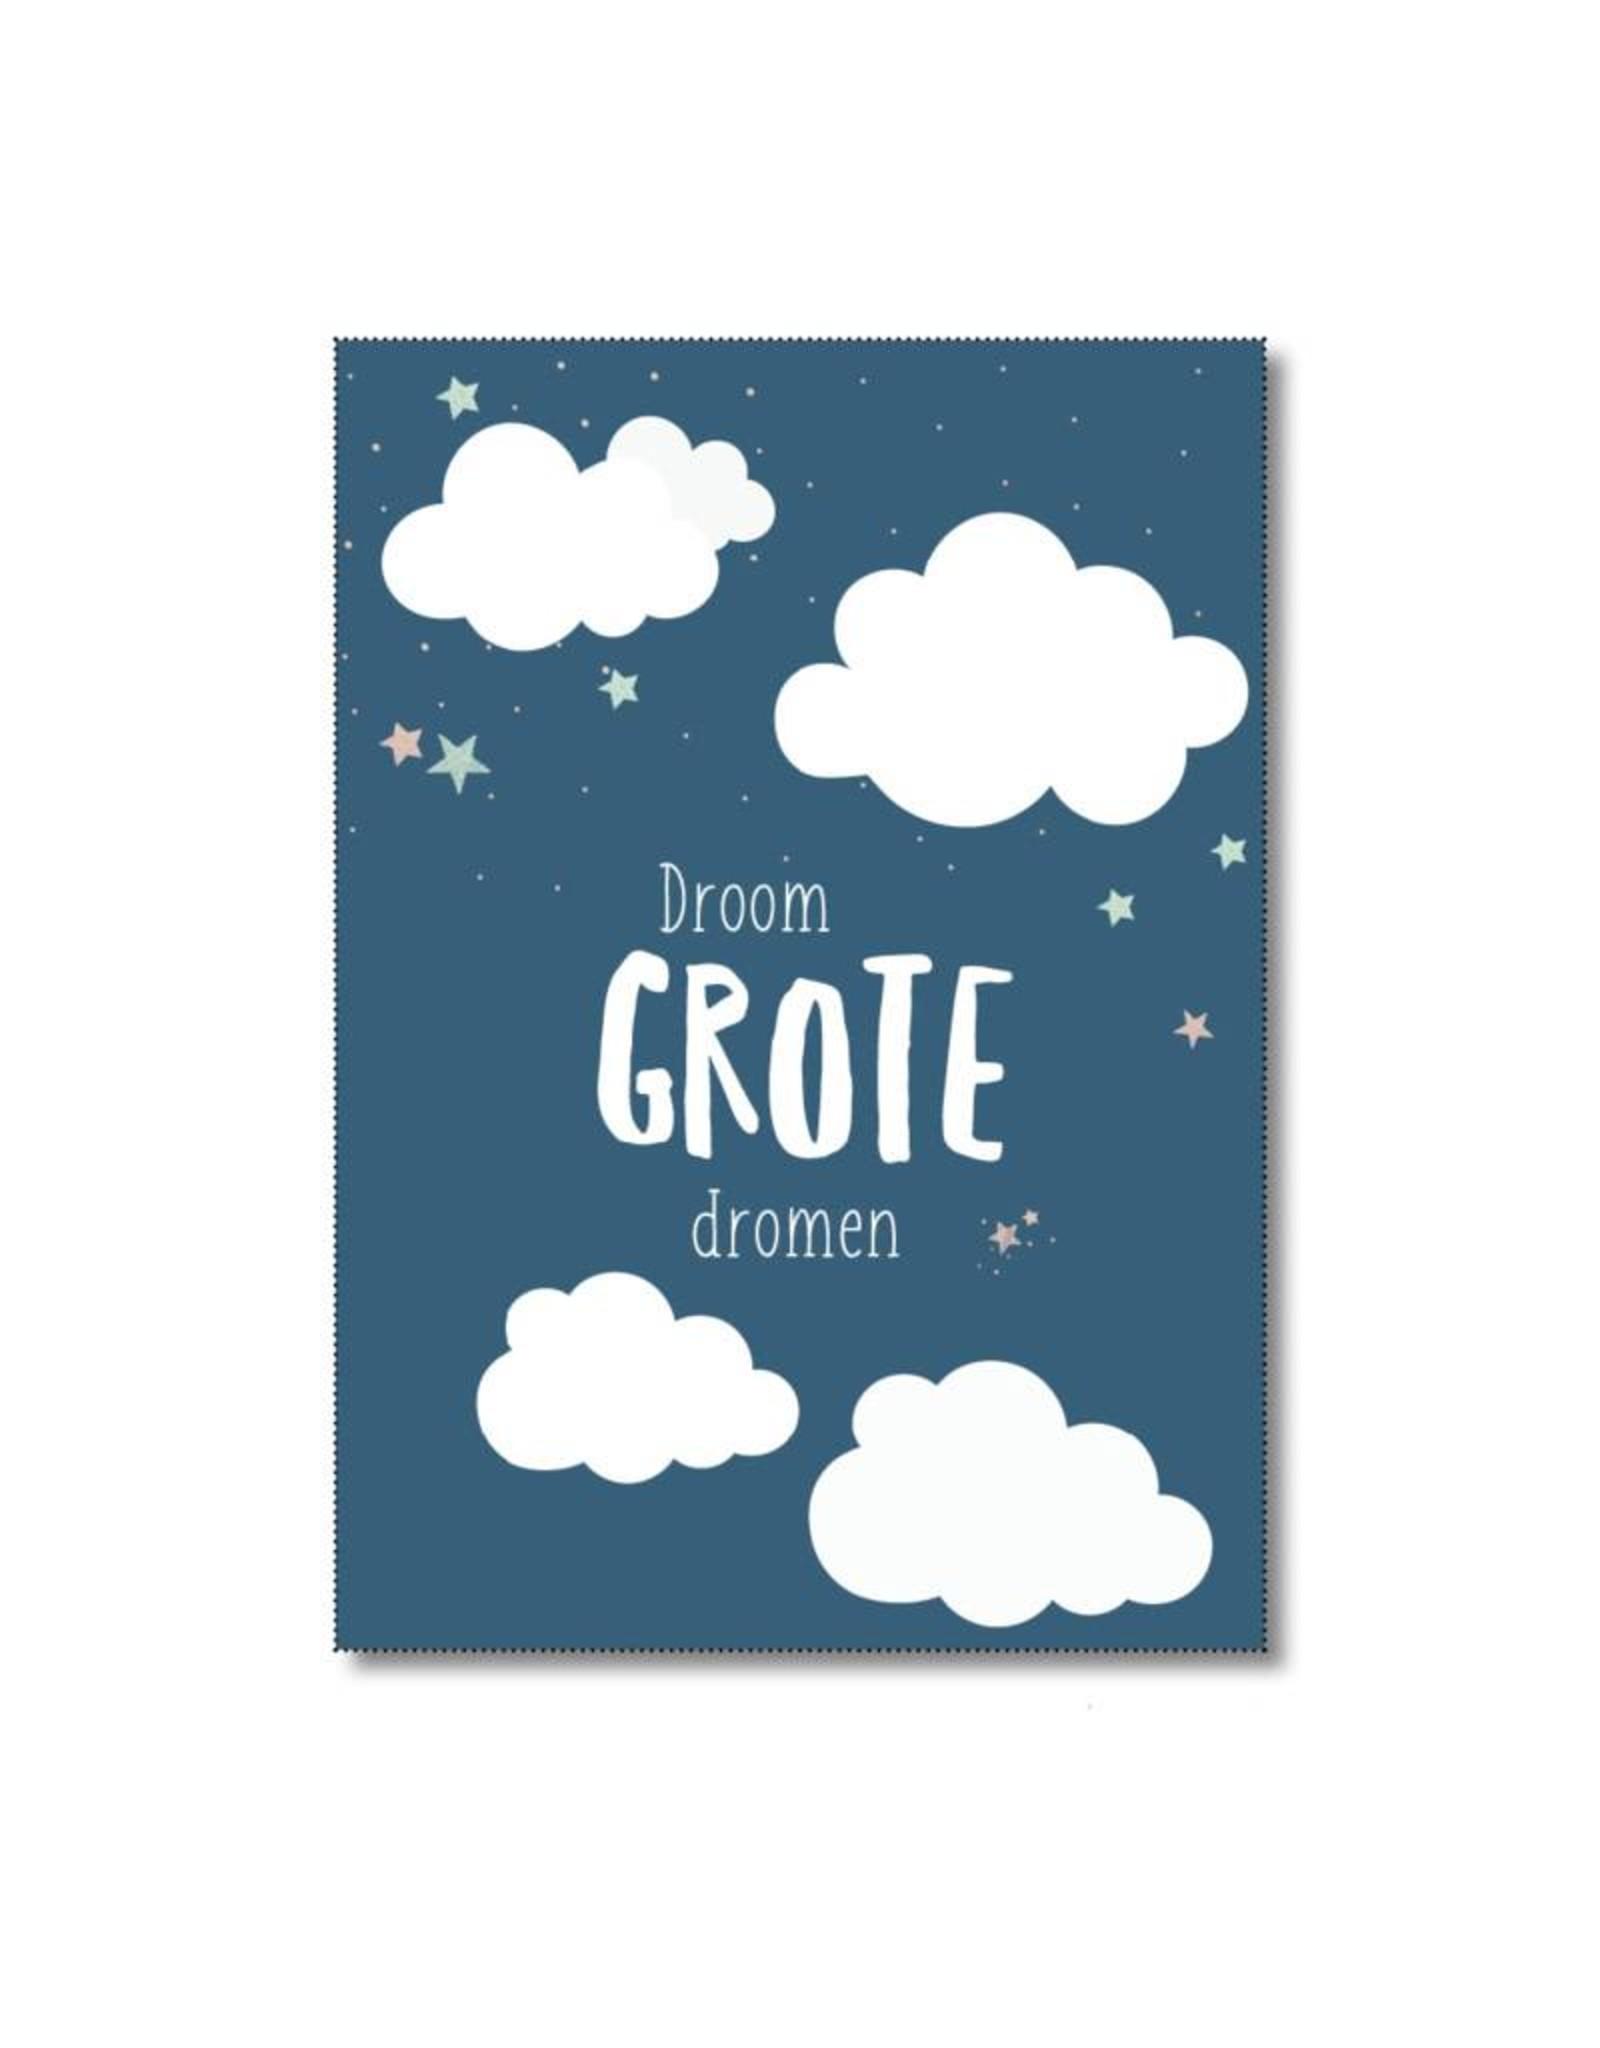 Postkaart Droom grote dromen